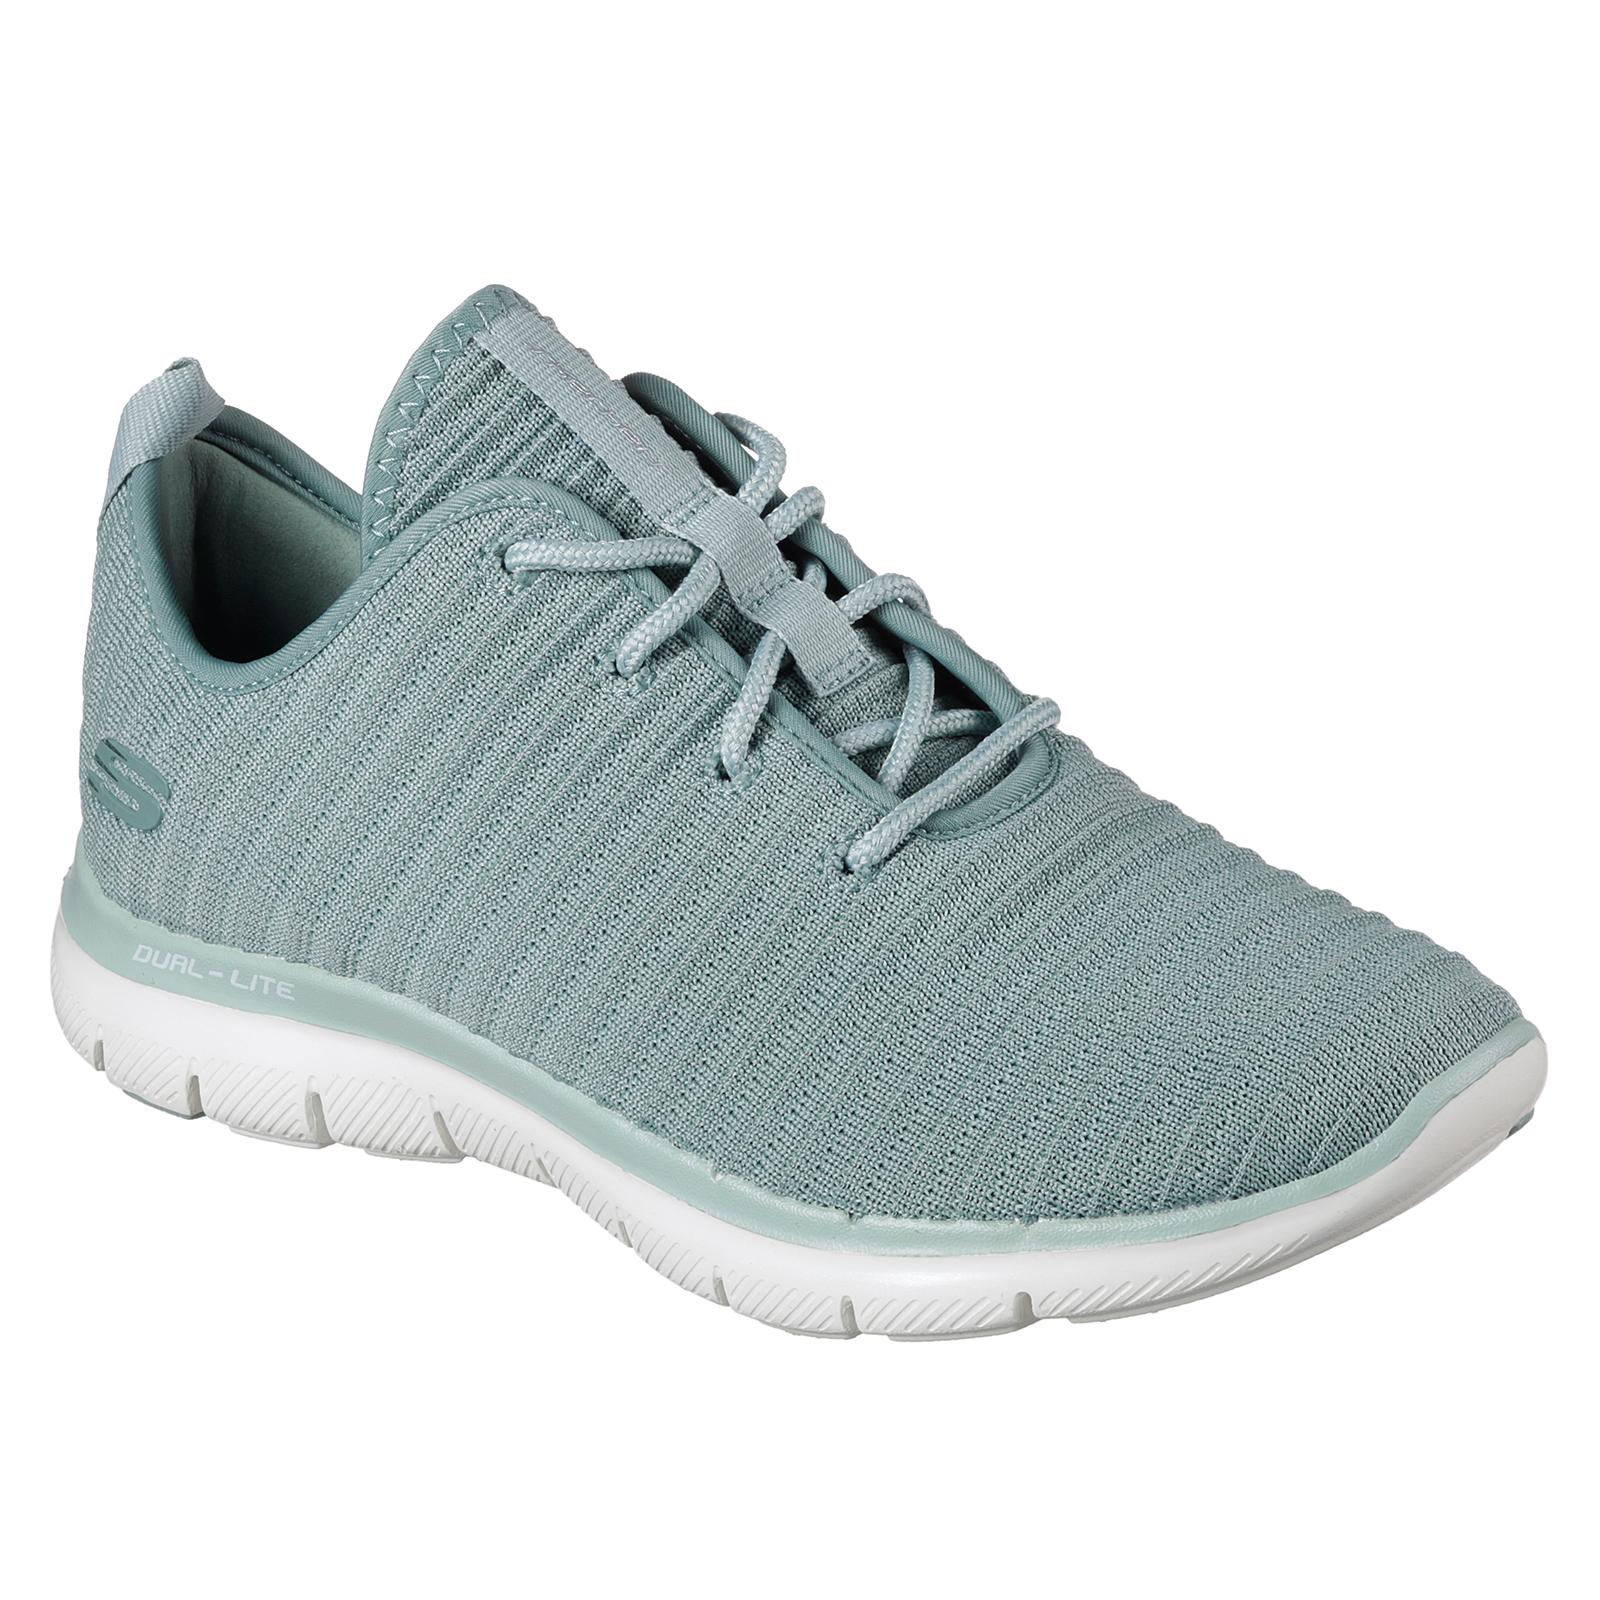 Skechers Damenschuhe Stretch Flex Appeal 2.0 Estates Trainers Stretch Damenschuhe Fabric Gym Footwear 829d66